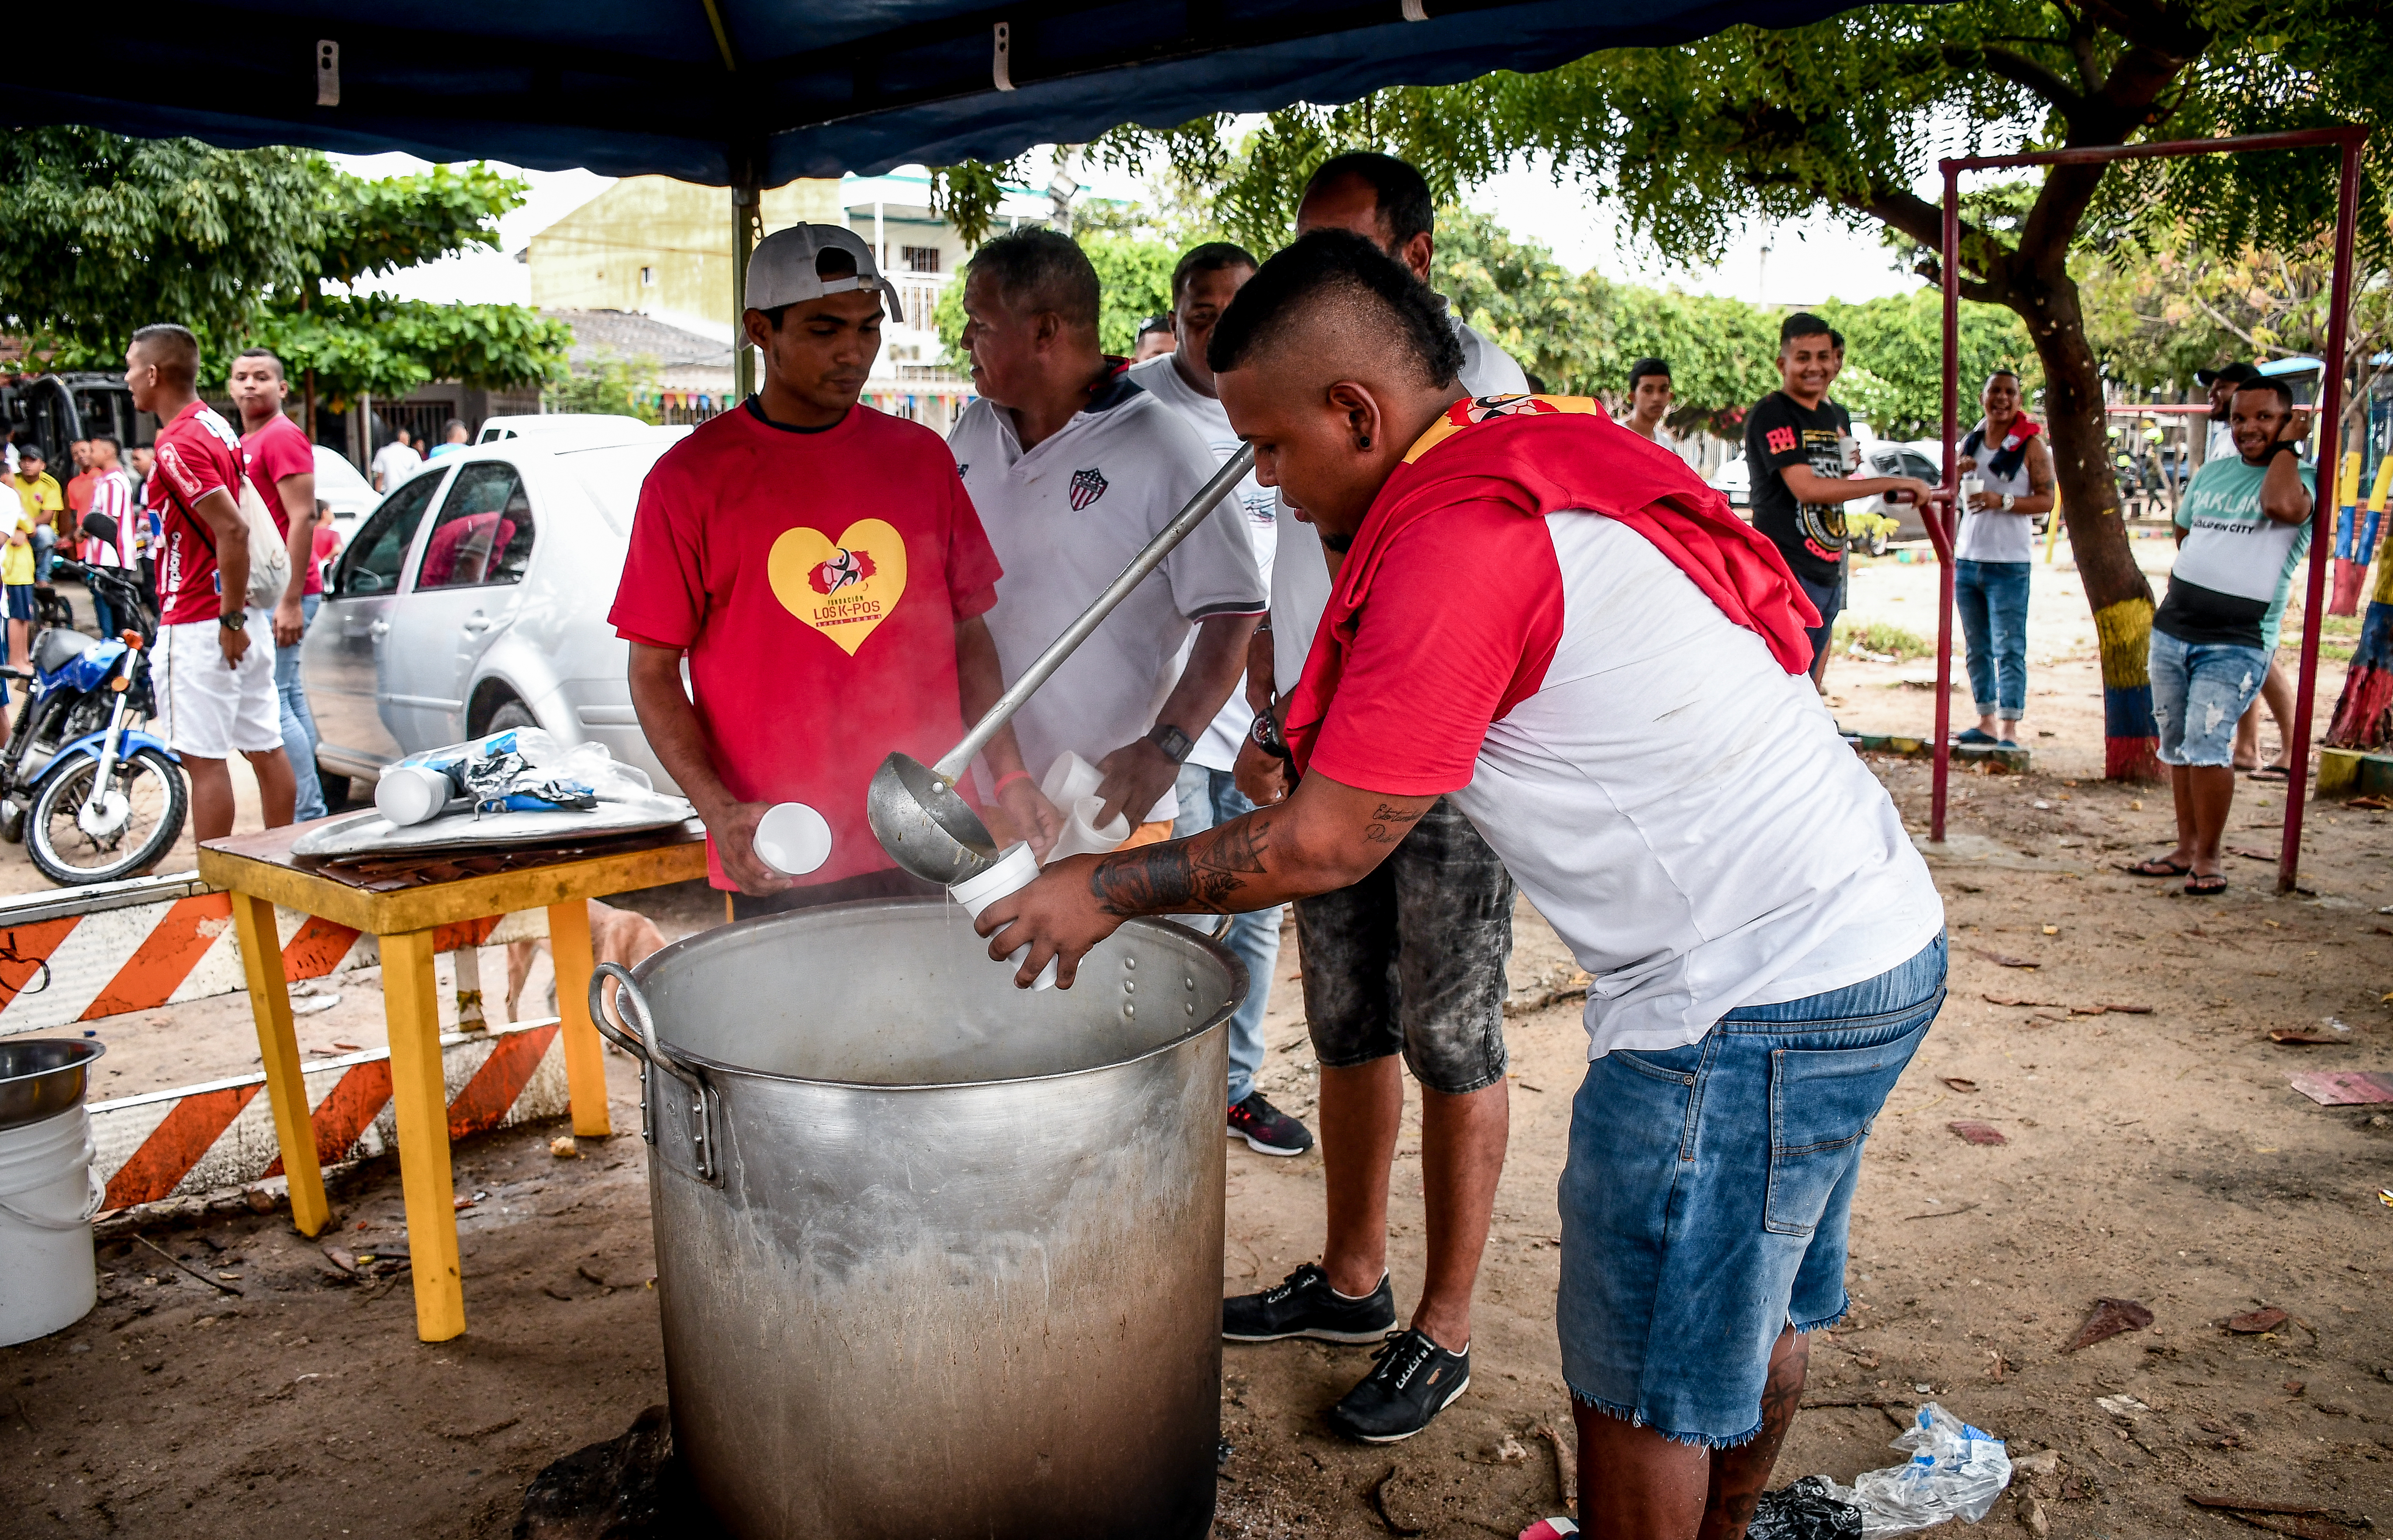 De la olla de sancocho sirvieron la sopa que mantuvo contentos a los asistentes del torneo en La Chinita.